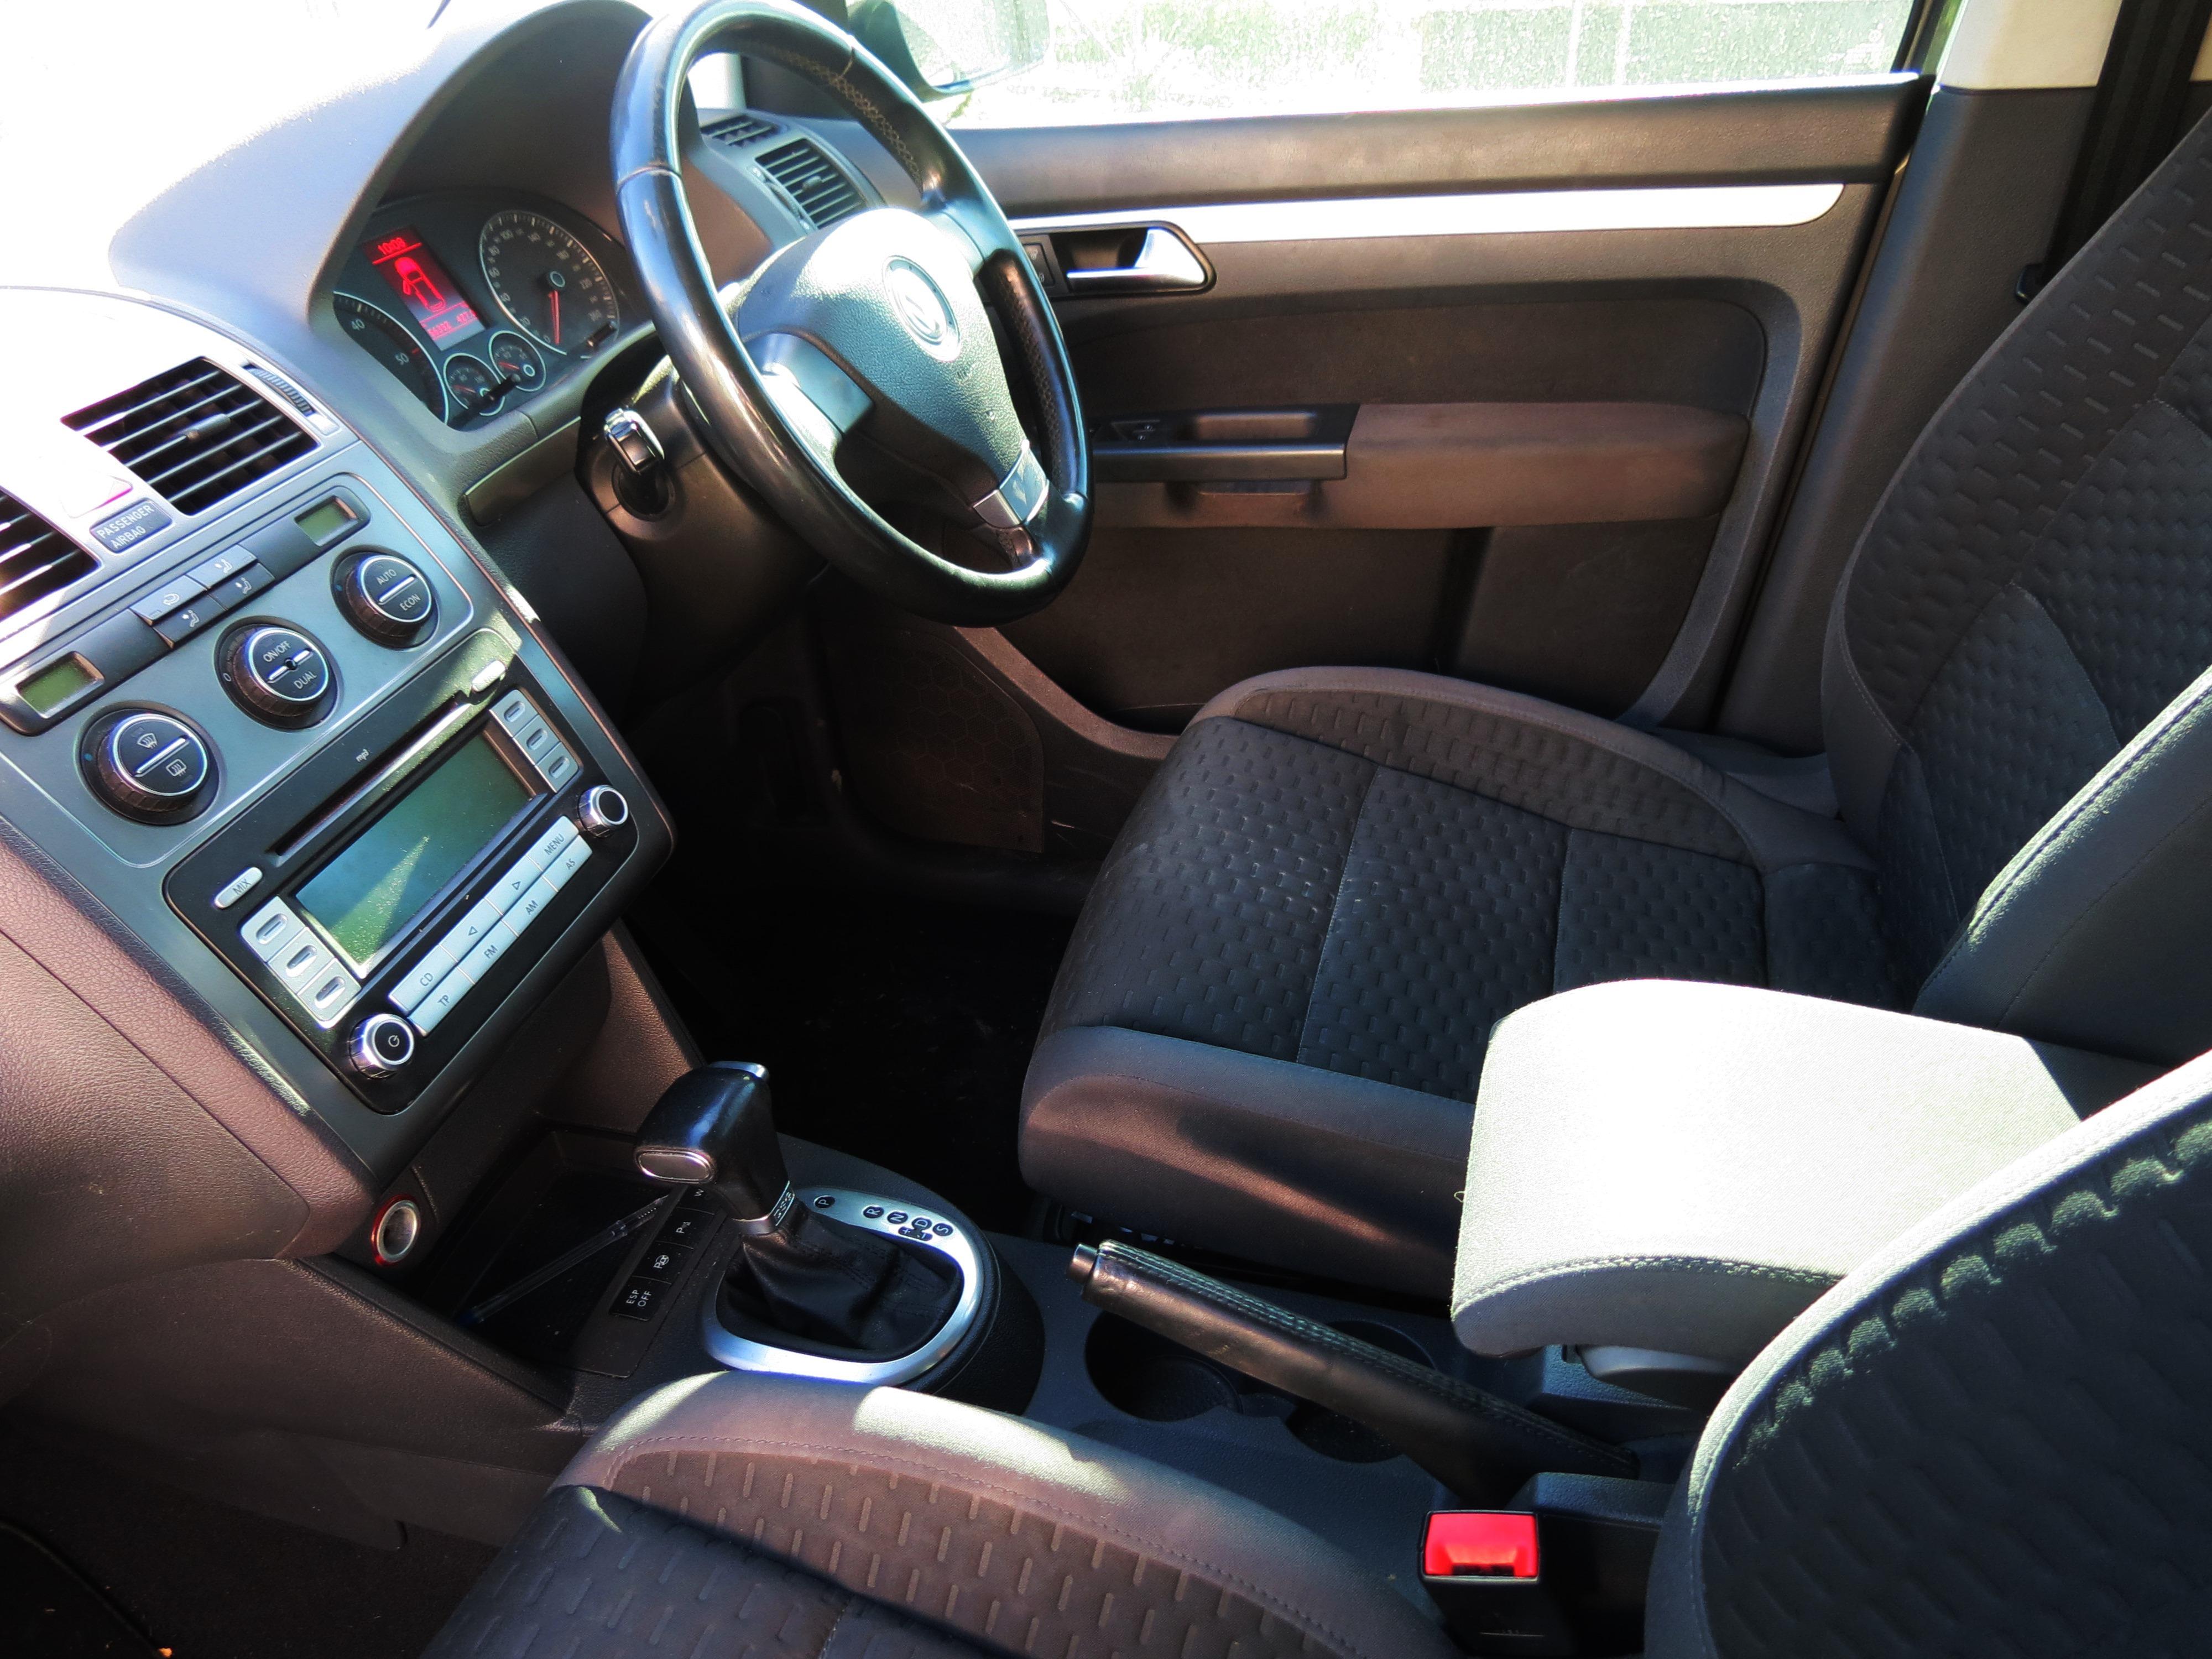 VW Touran 2007 2.0 Tdi